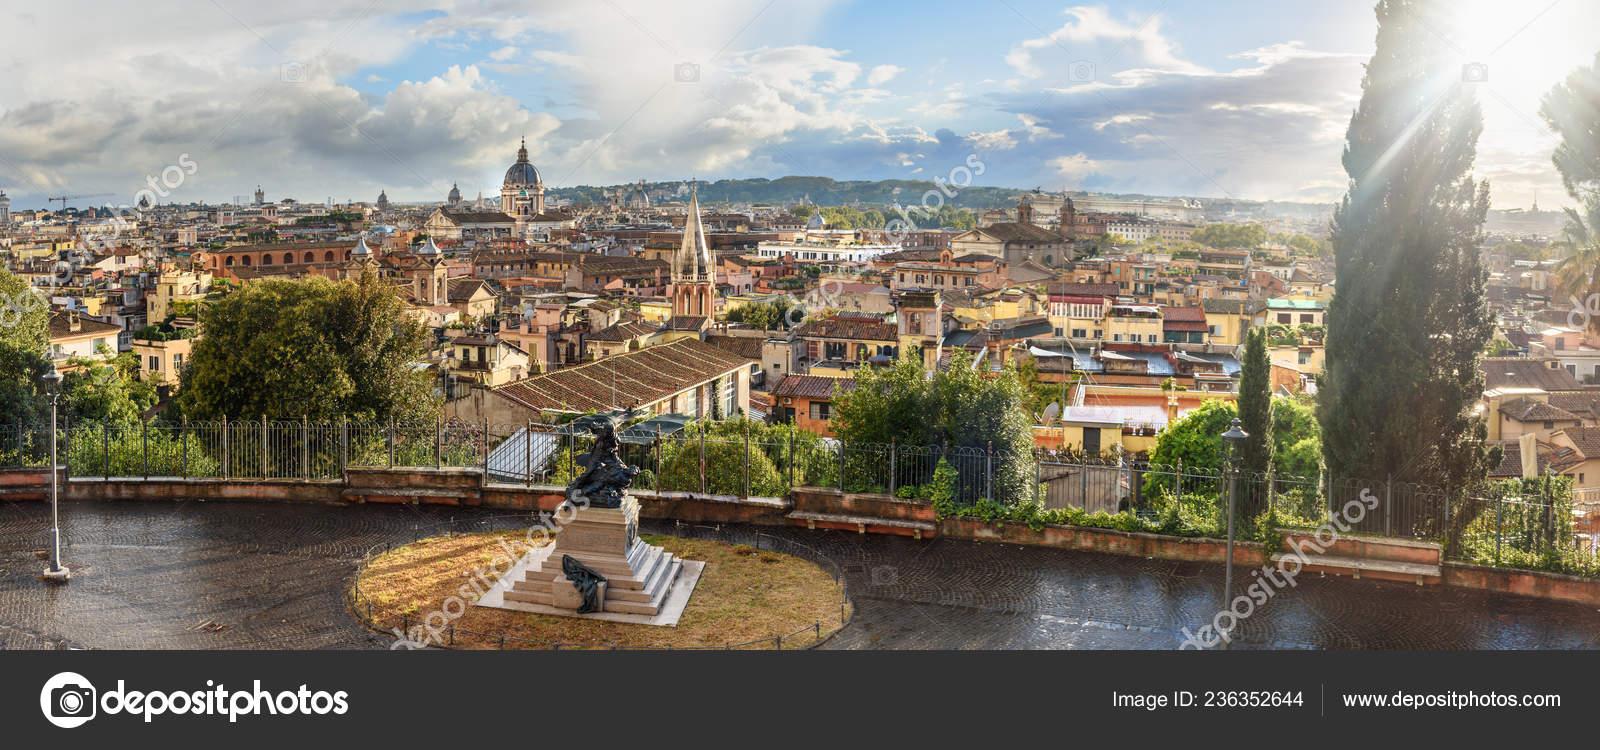 Panorama View Rome City Terrazza Viale Del Belvedere Italy